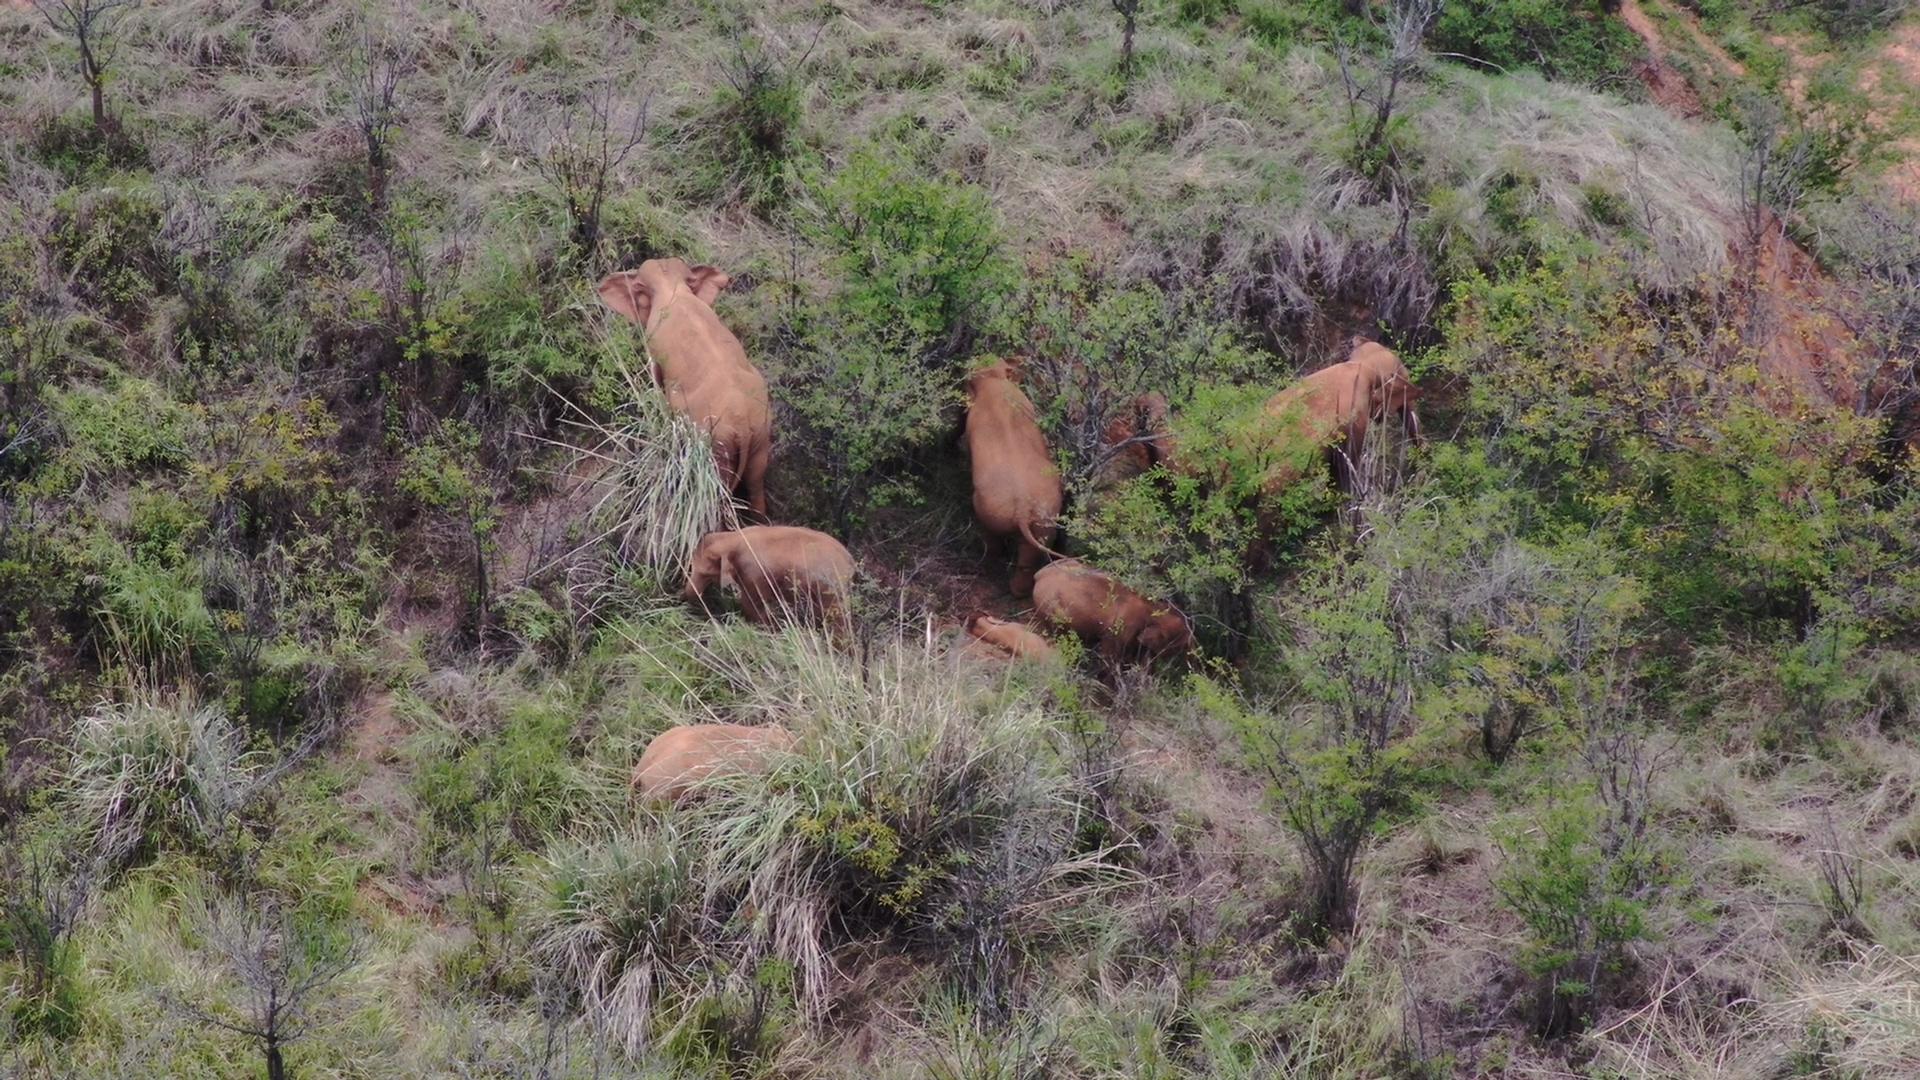 โขลง 'ช้างป่าอพยพ' ชื่อดังในจีน แสดงสัญญาณกลับลงใต้